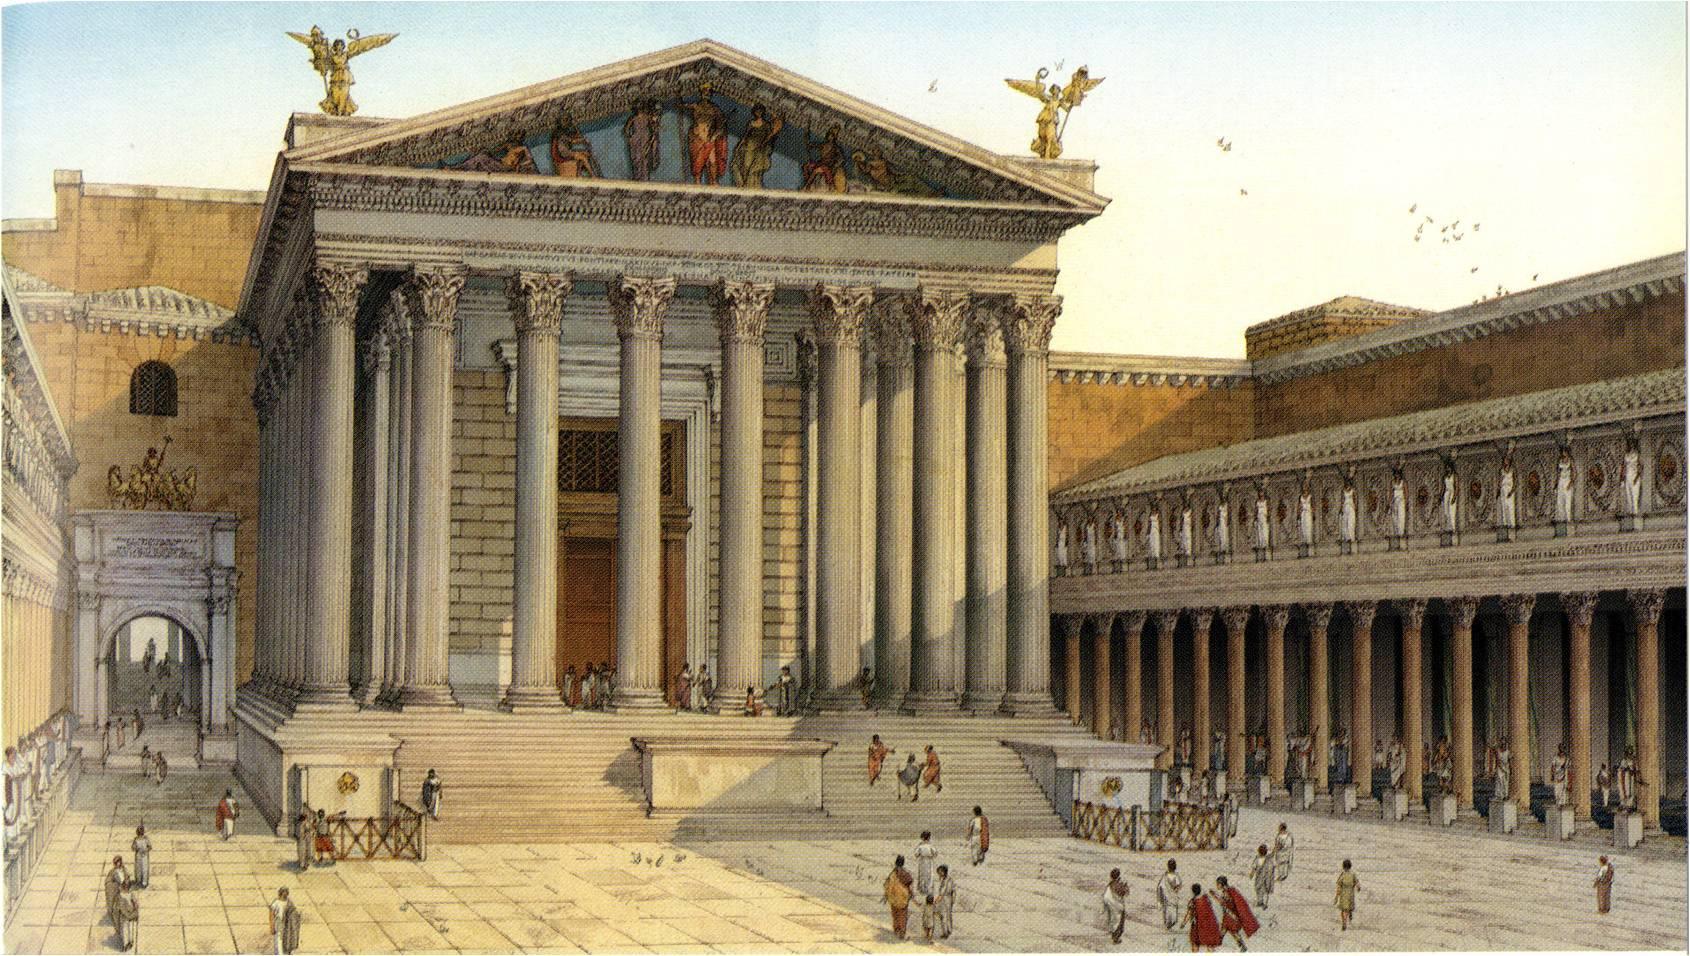 Temple of Mars Ultor built by Augustus